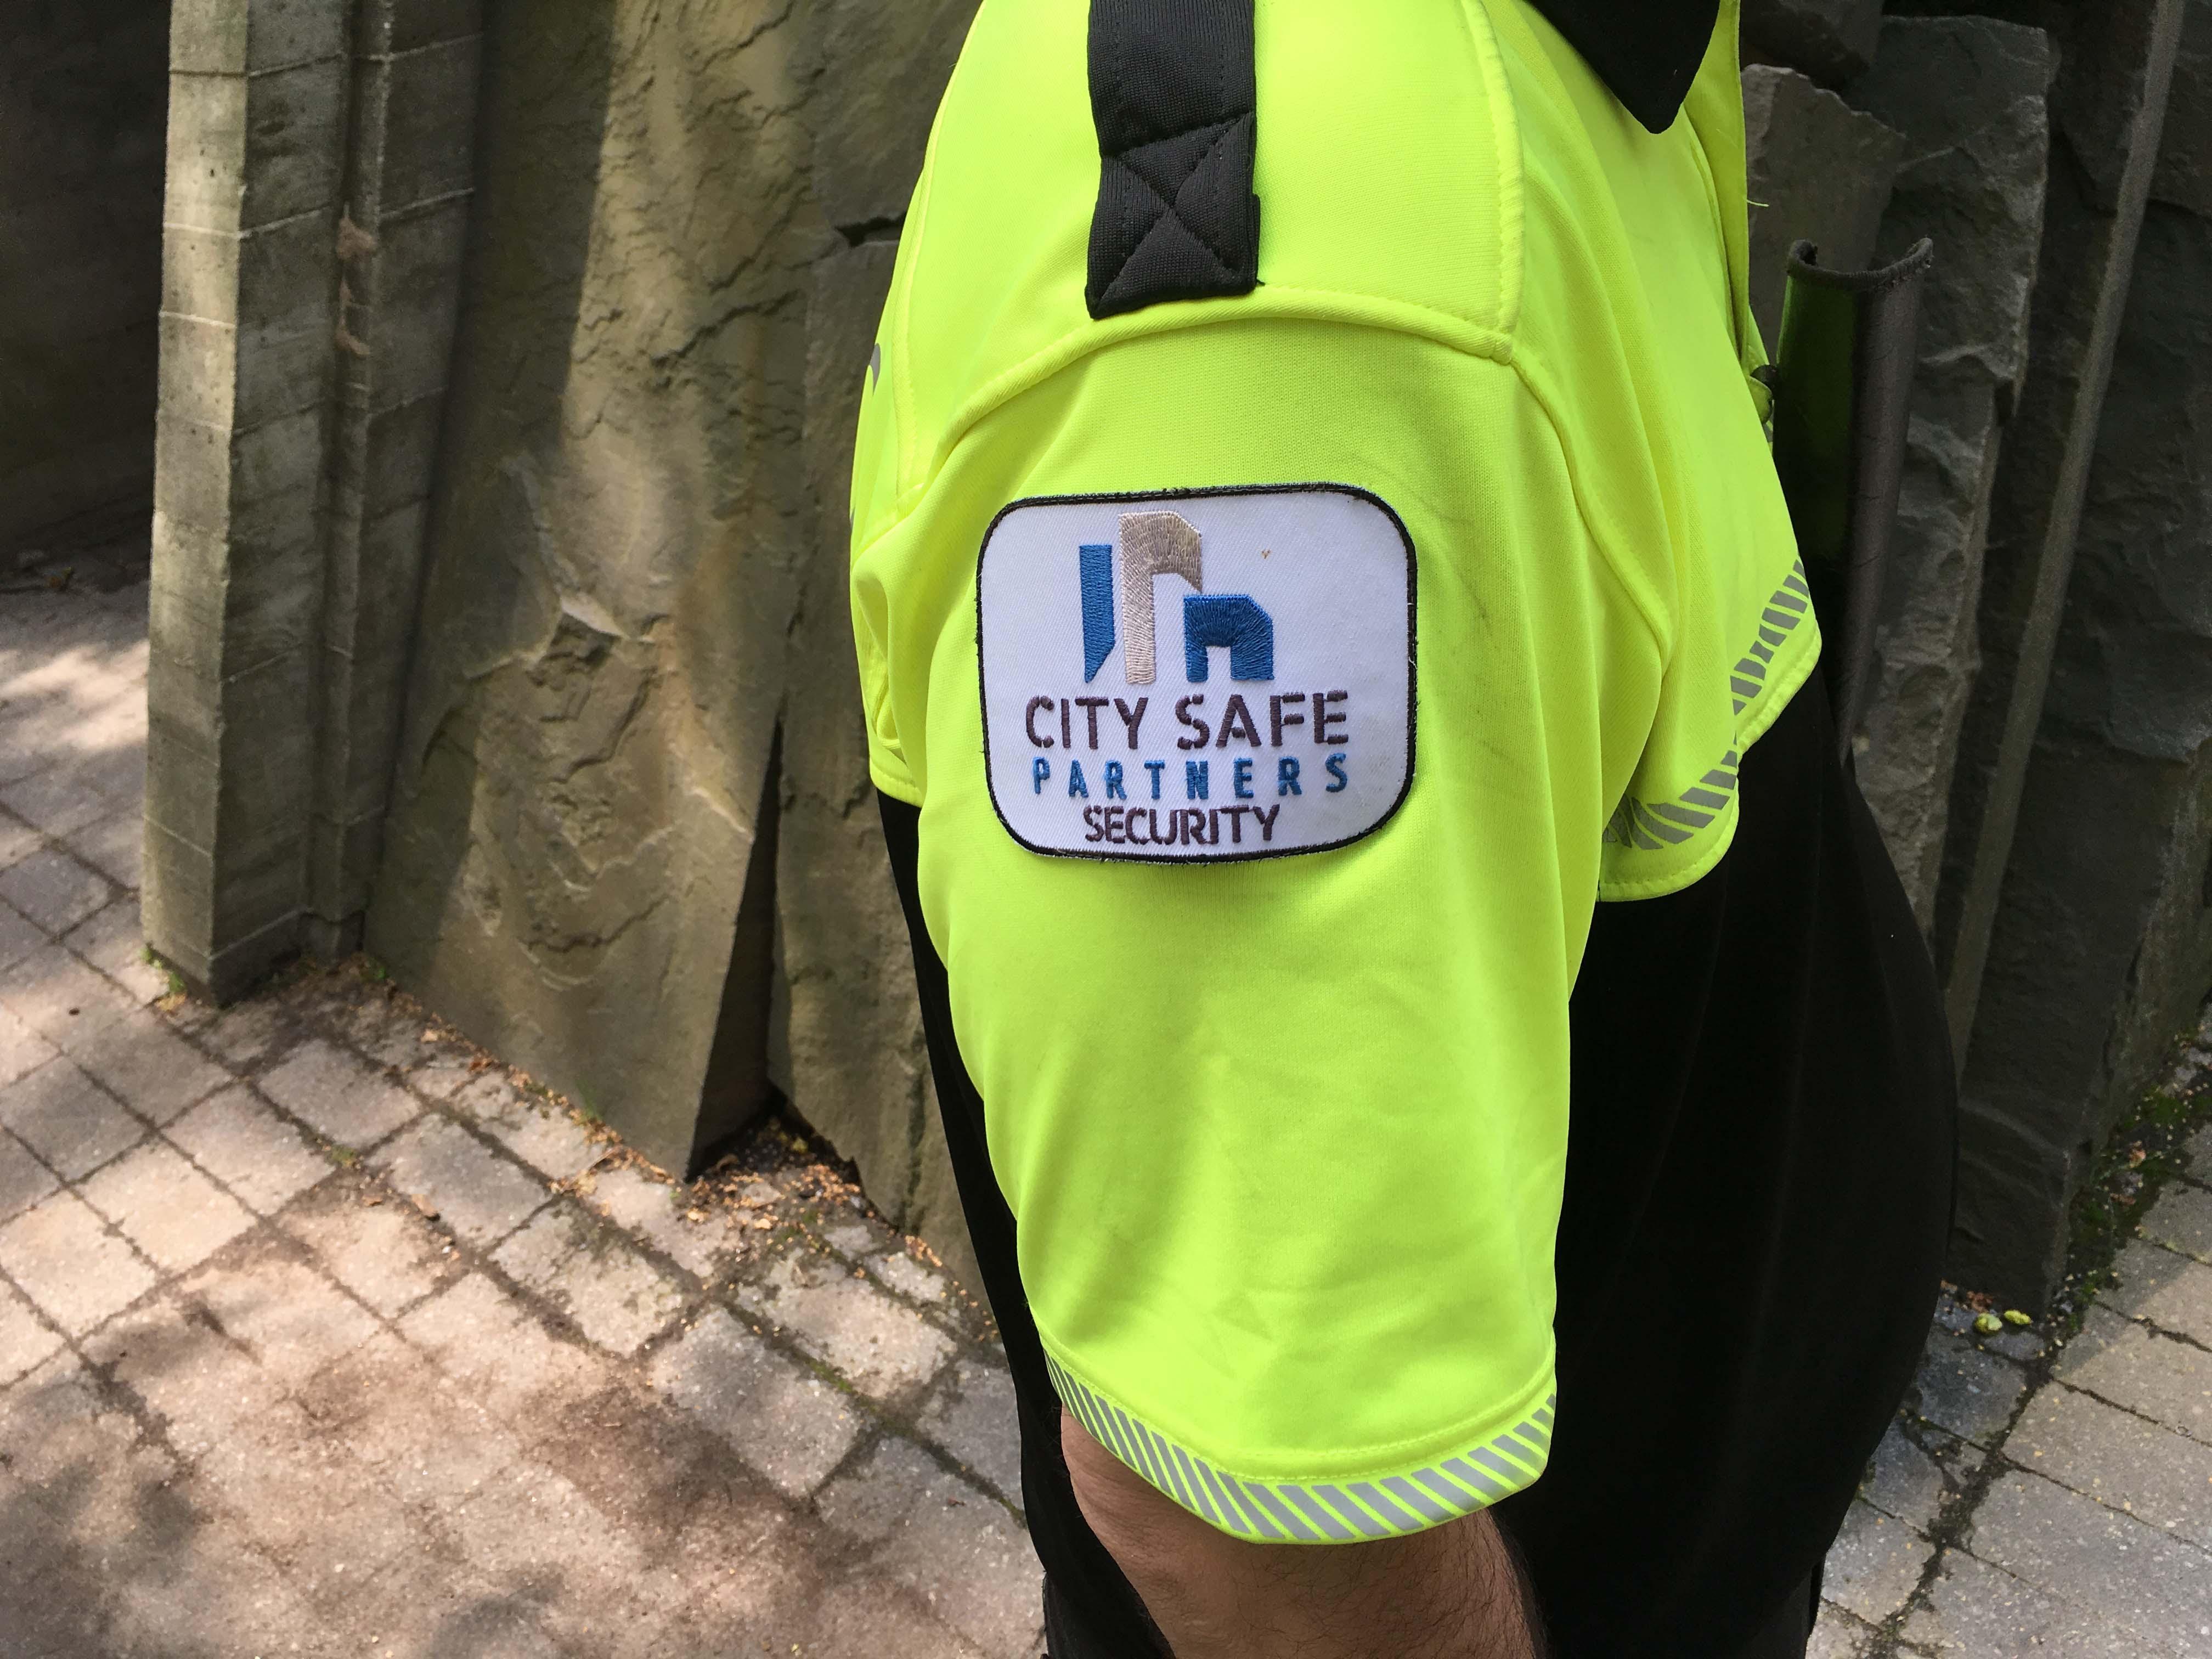 Citi Safe security